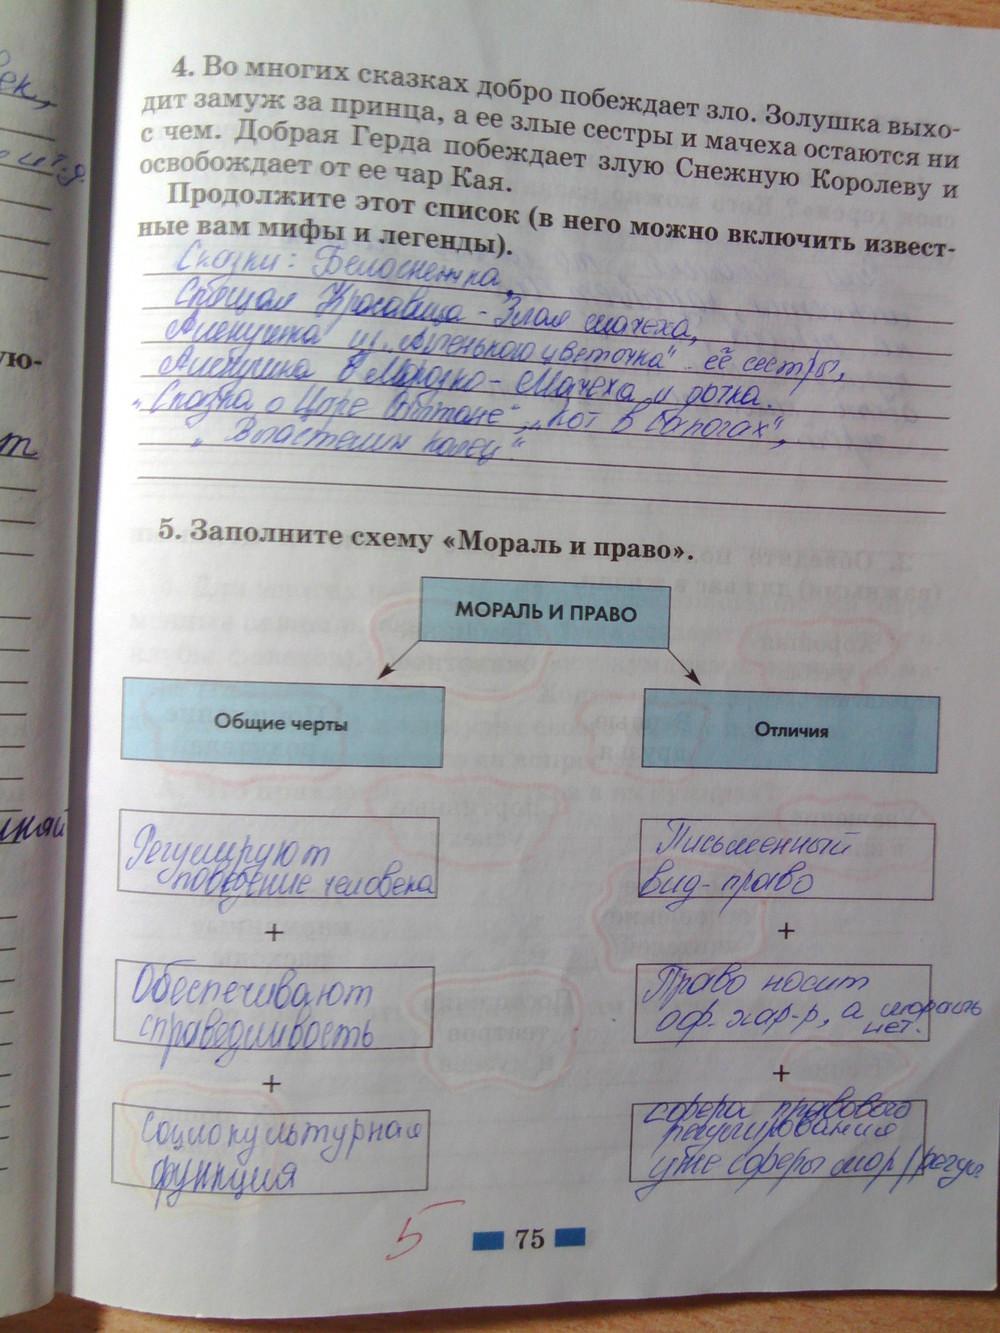 гдз по обществознанию 6 класс учебник кравченко и певцова рабочая тетрадь